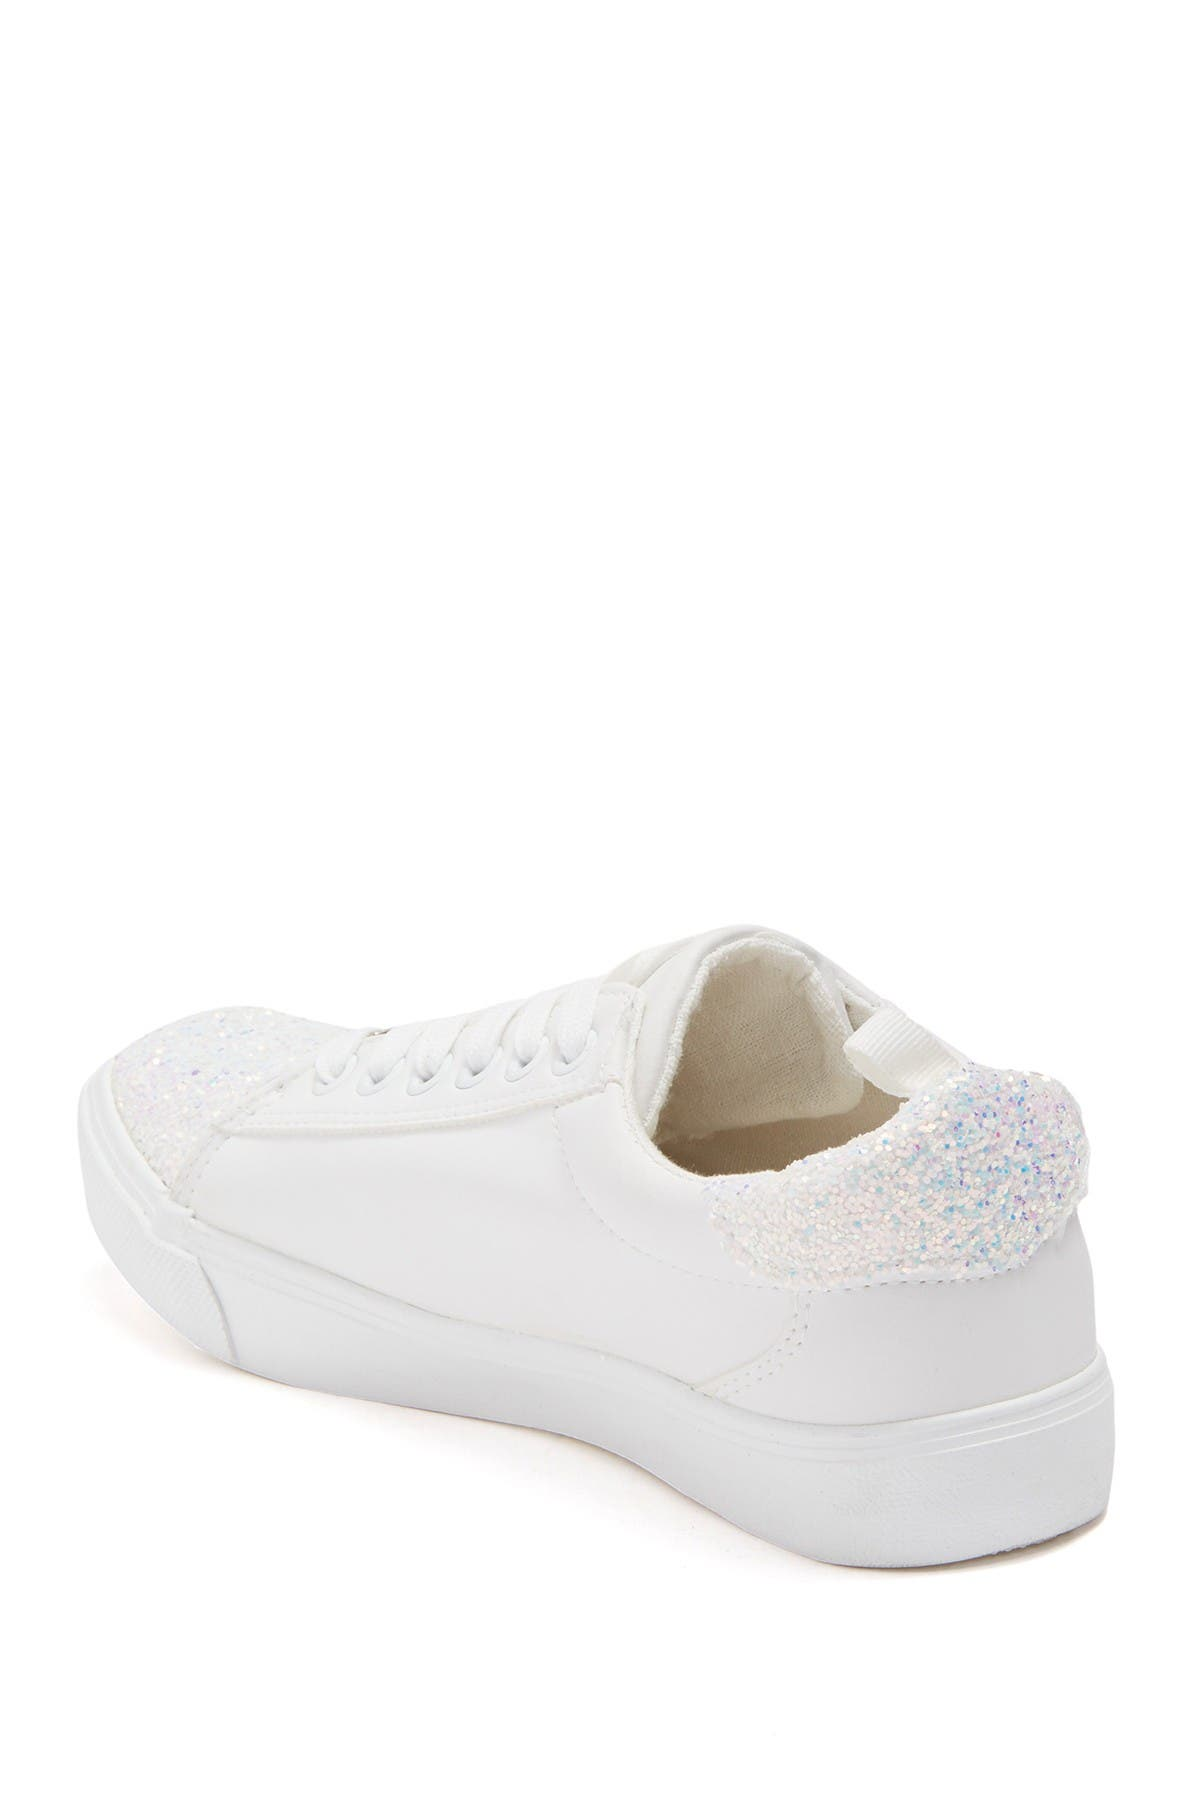 Bebe Chunky Glitter Sneaker